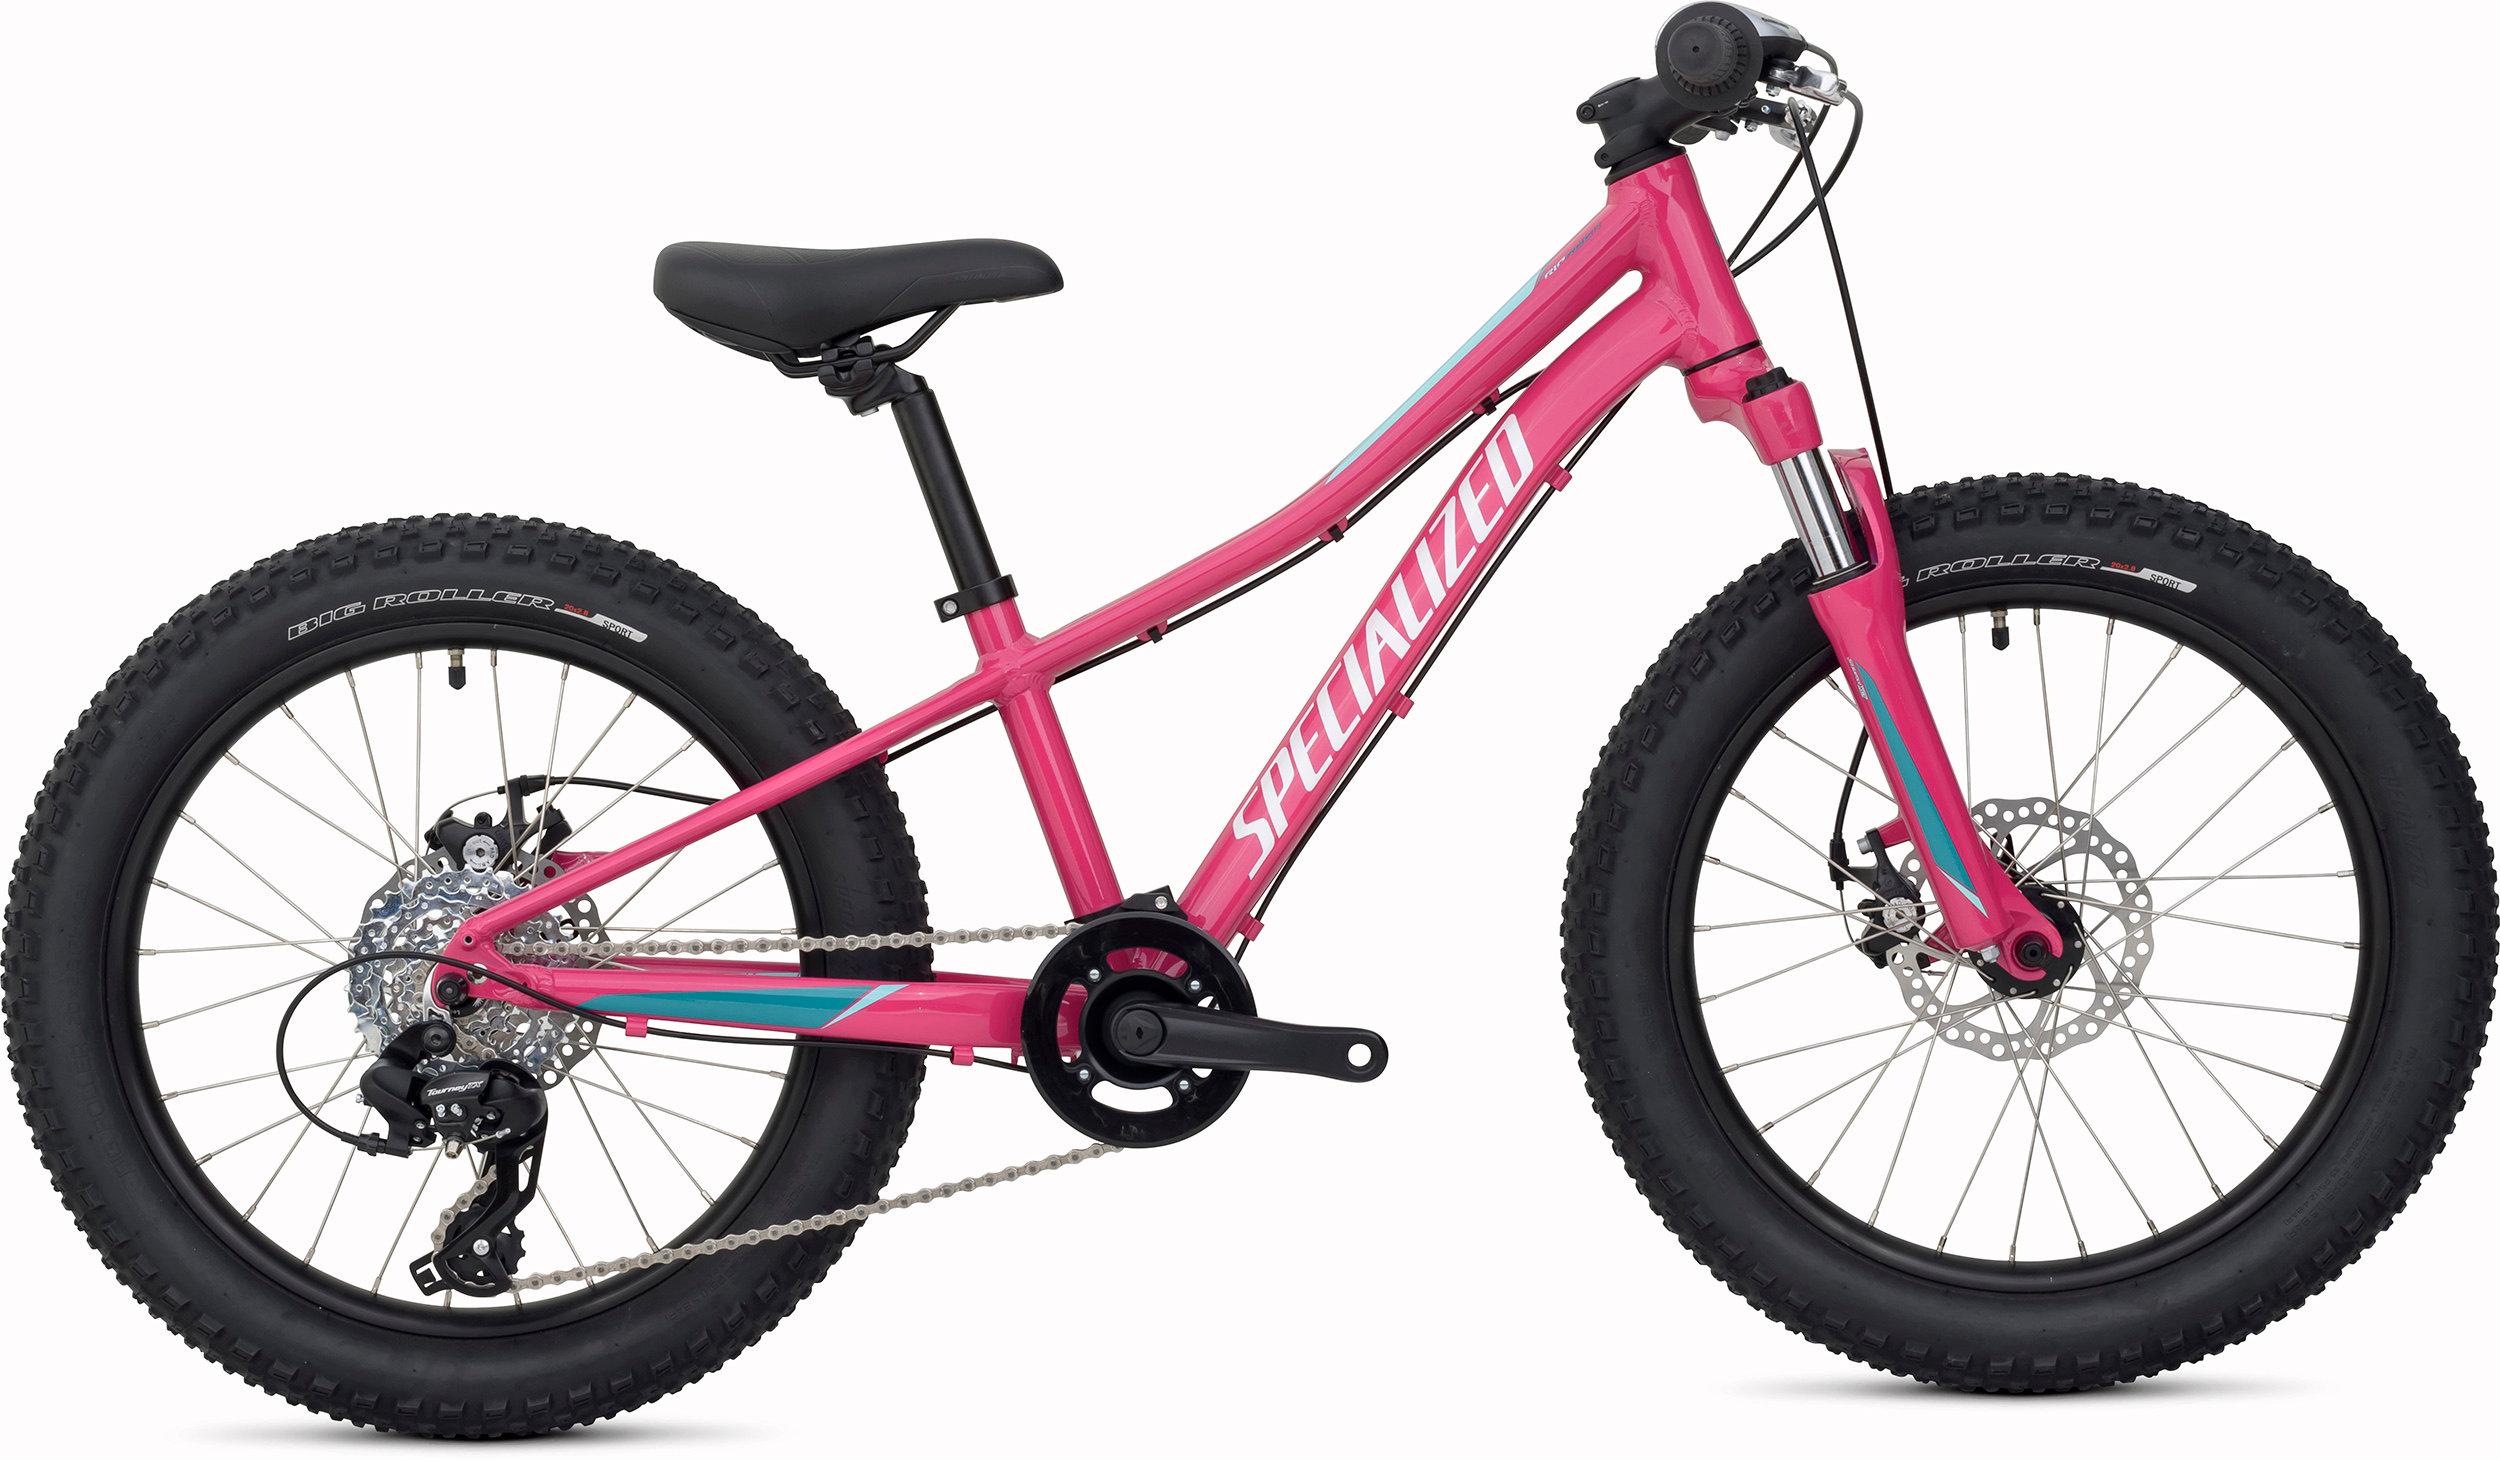 SPECIALIZED RIPROCK 20 INT RFPNK/PRLTUR/PRLLTTUR 9 - Bike Maniac